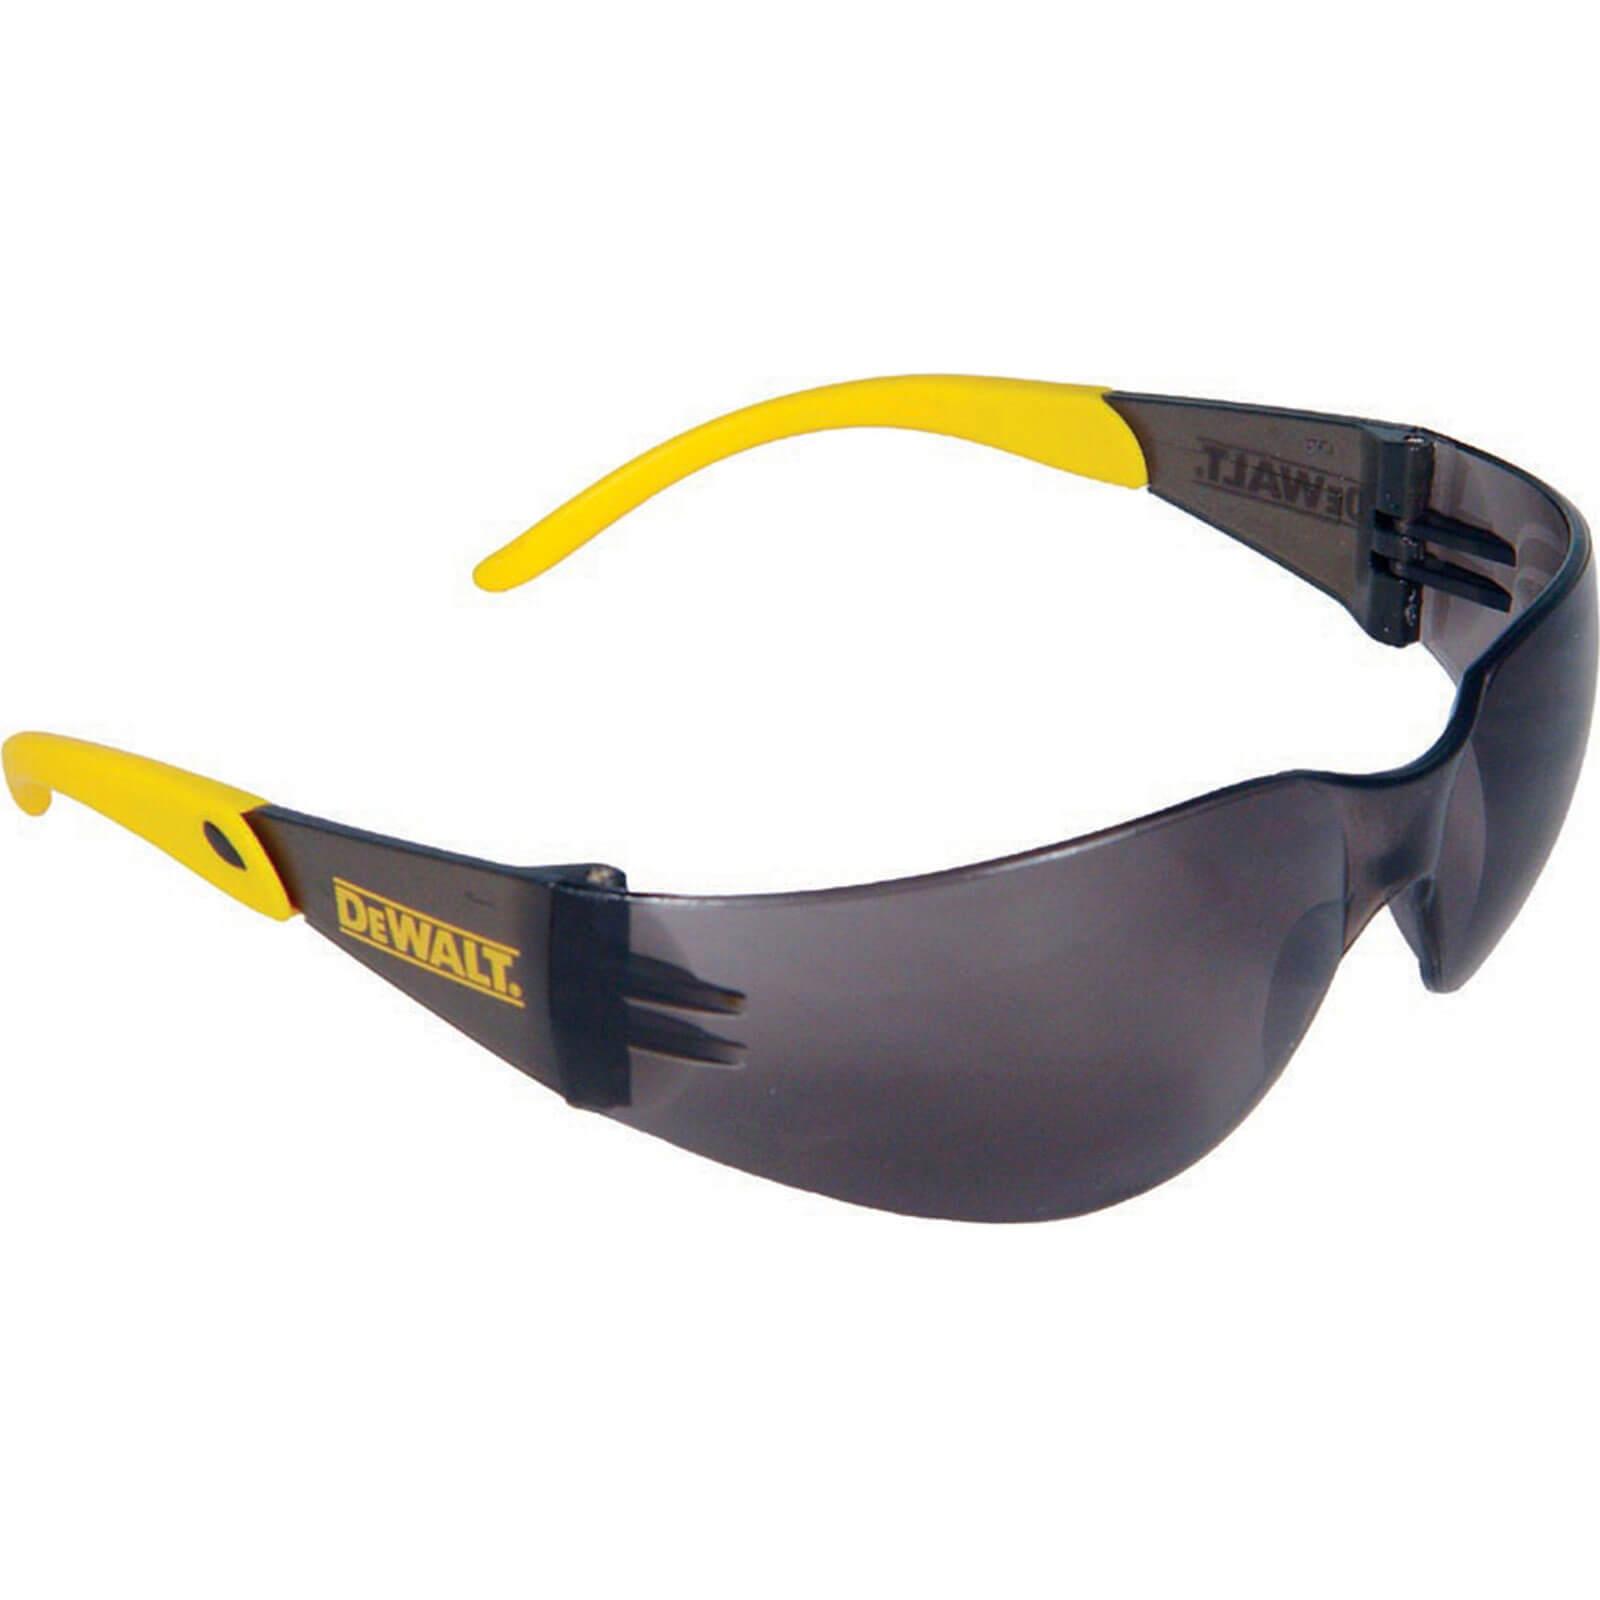 DeWalt Protector Smoke Safety Glasses